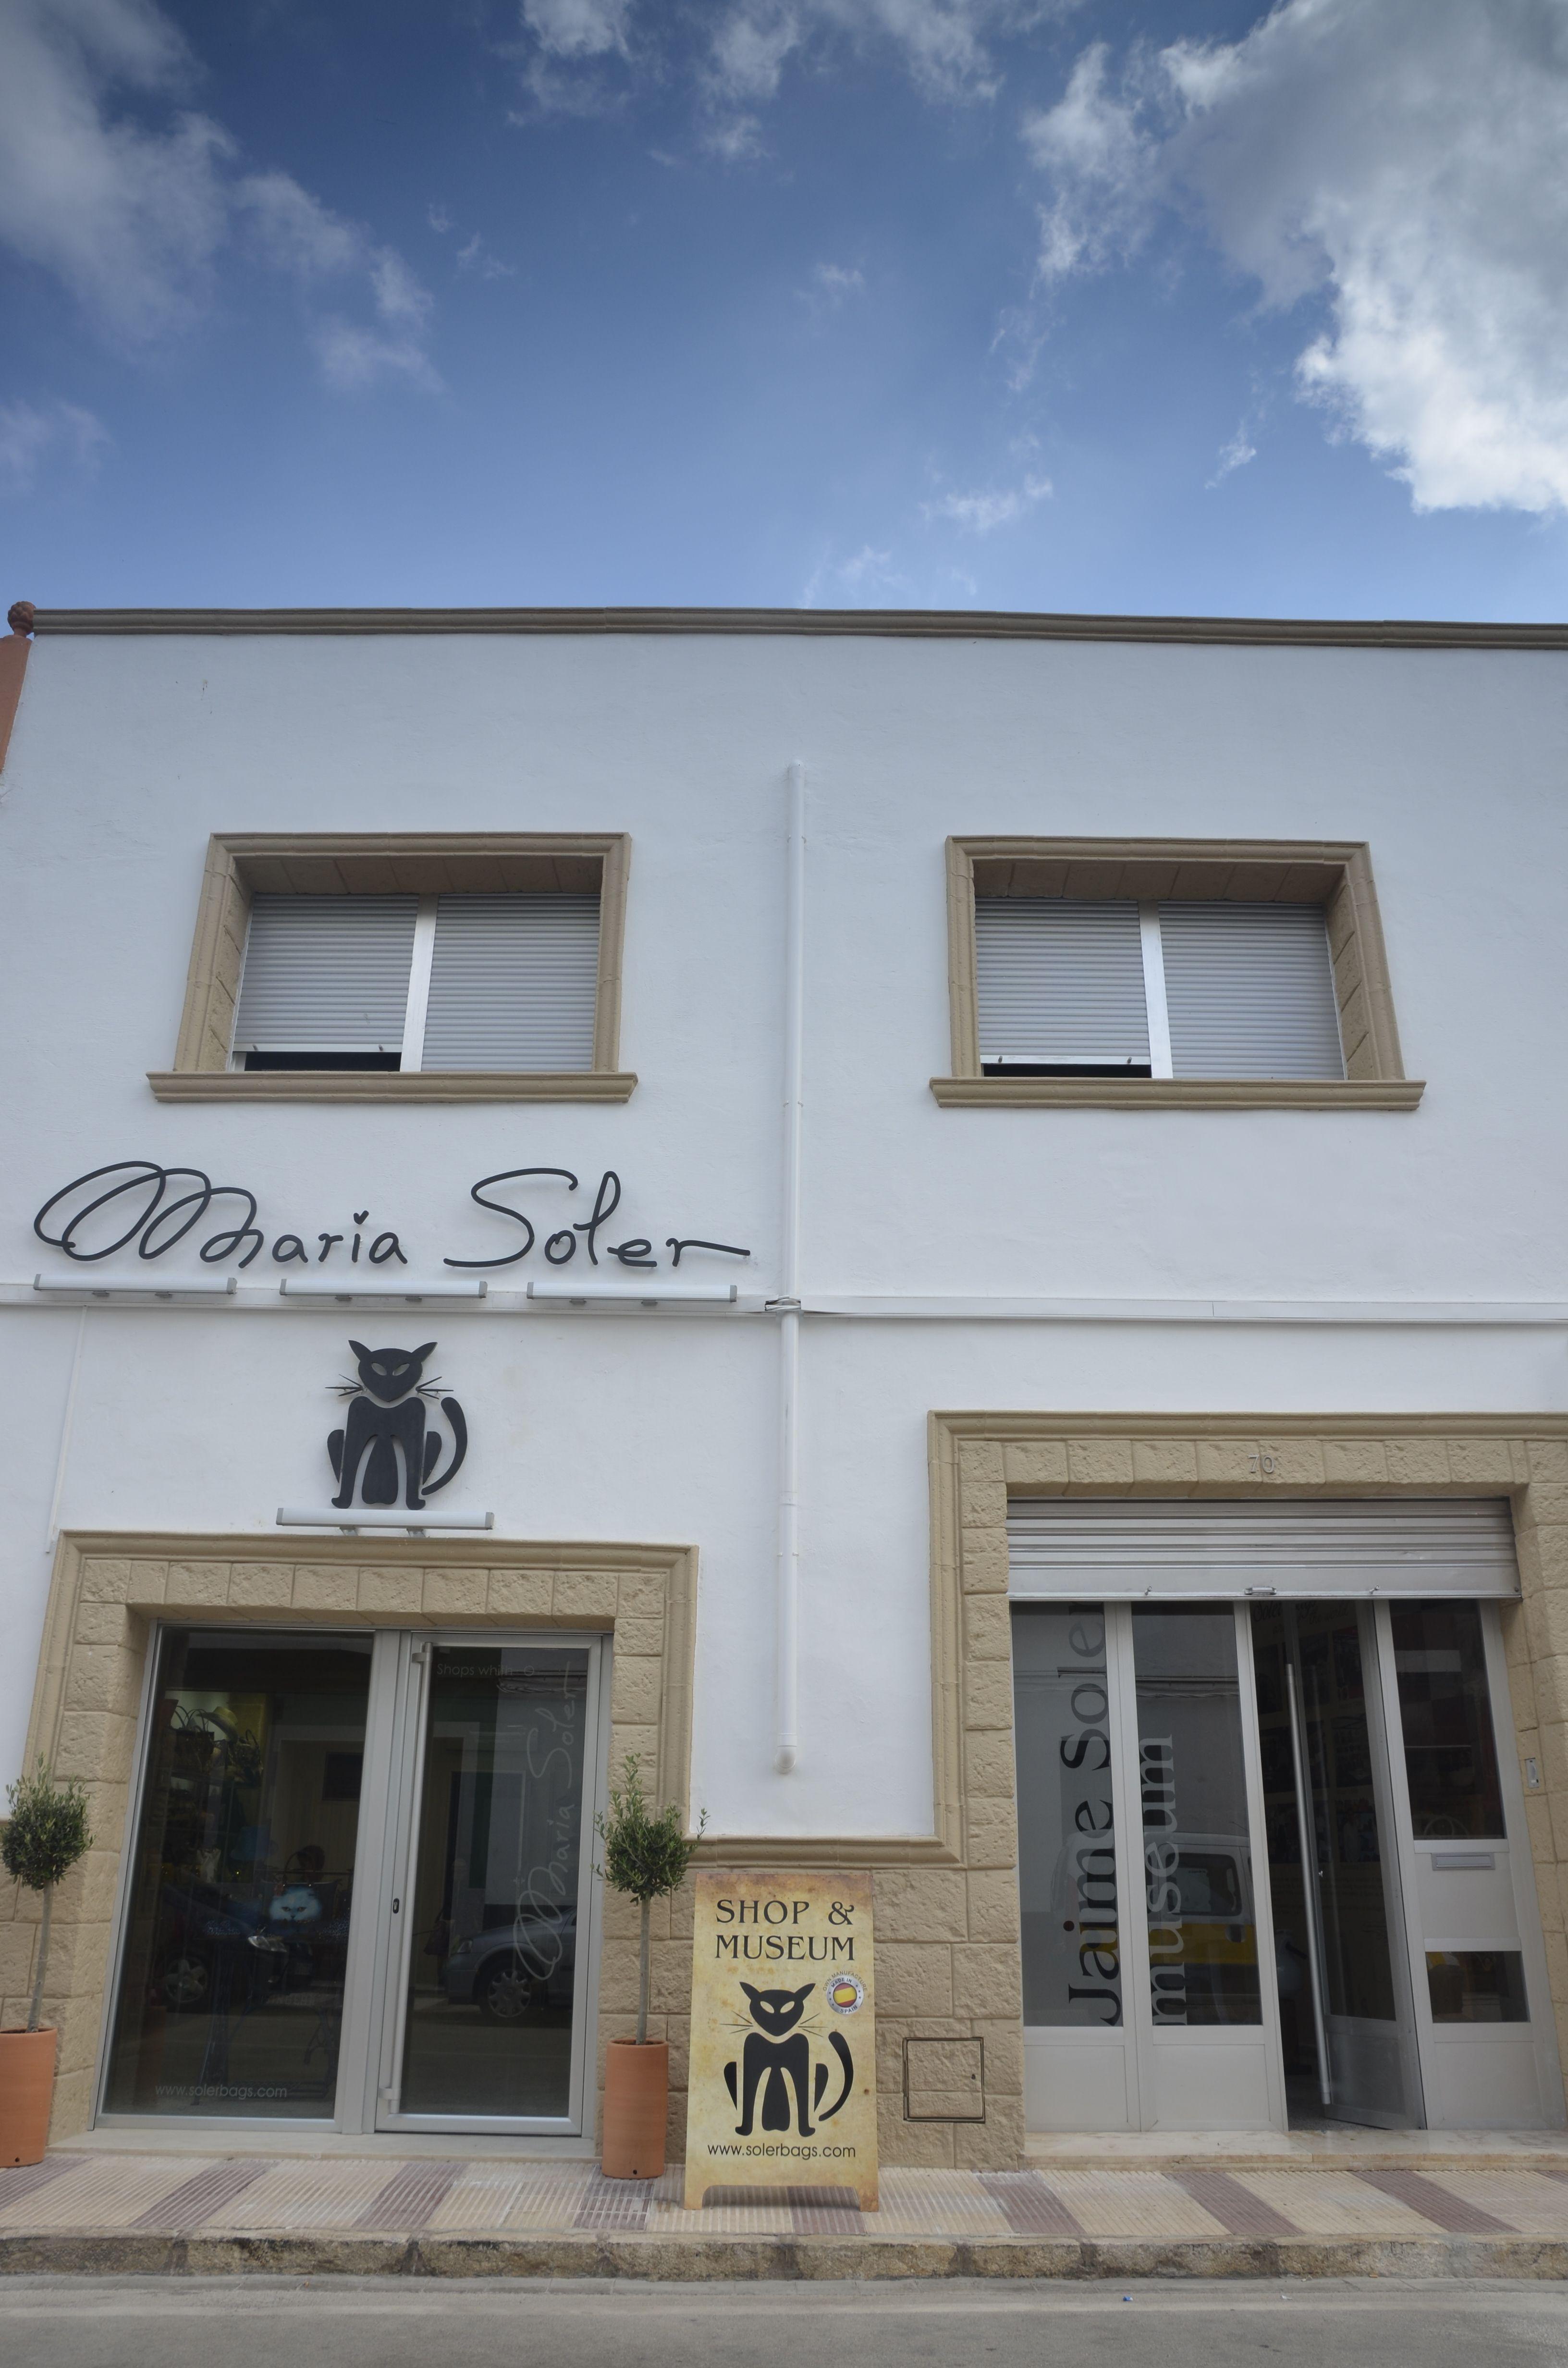 SHOP MUSEUM MARIA SOLER